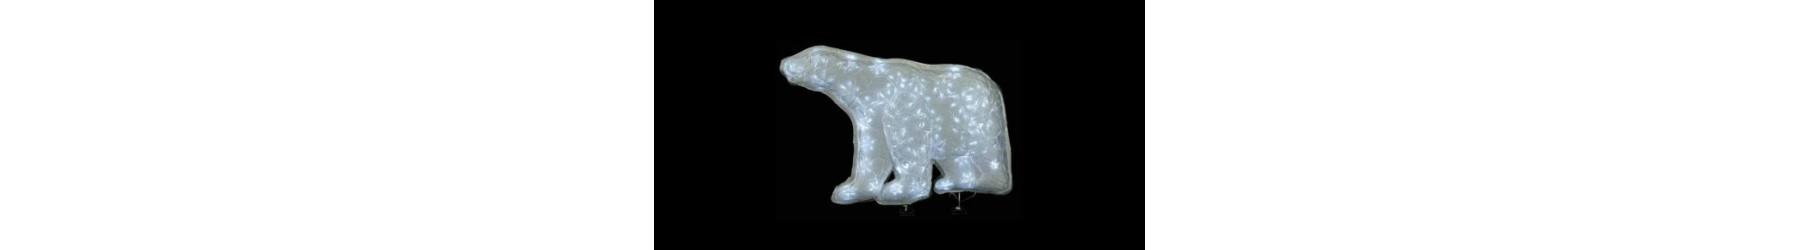 Αρκούδες & Πιγκουίνοι φωτιζόμενοι για Χριστουγεννιάτικη διακόσμηση